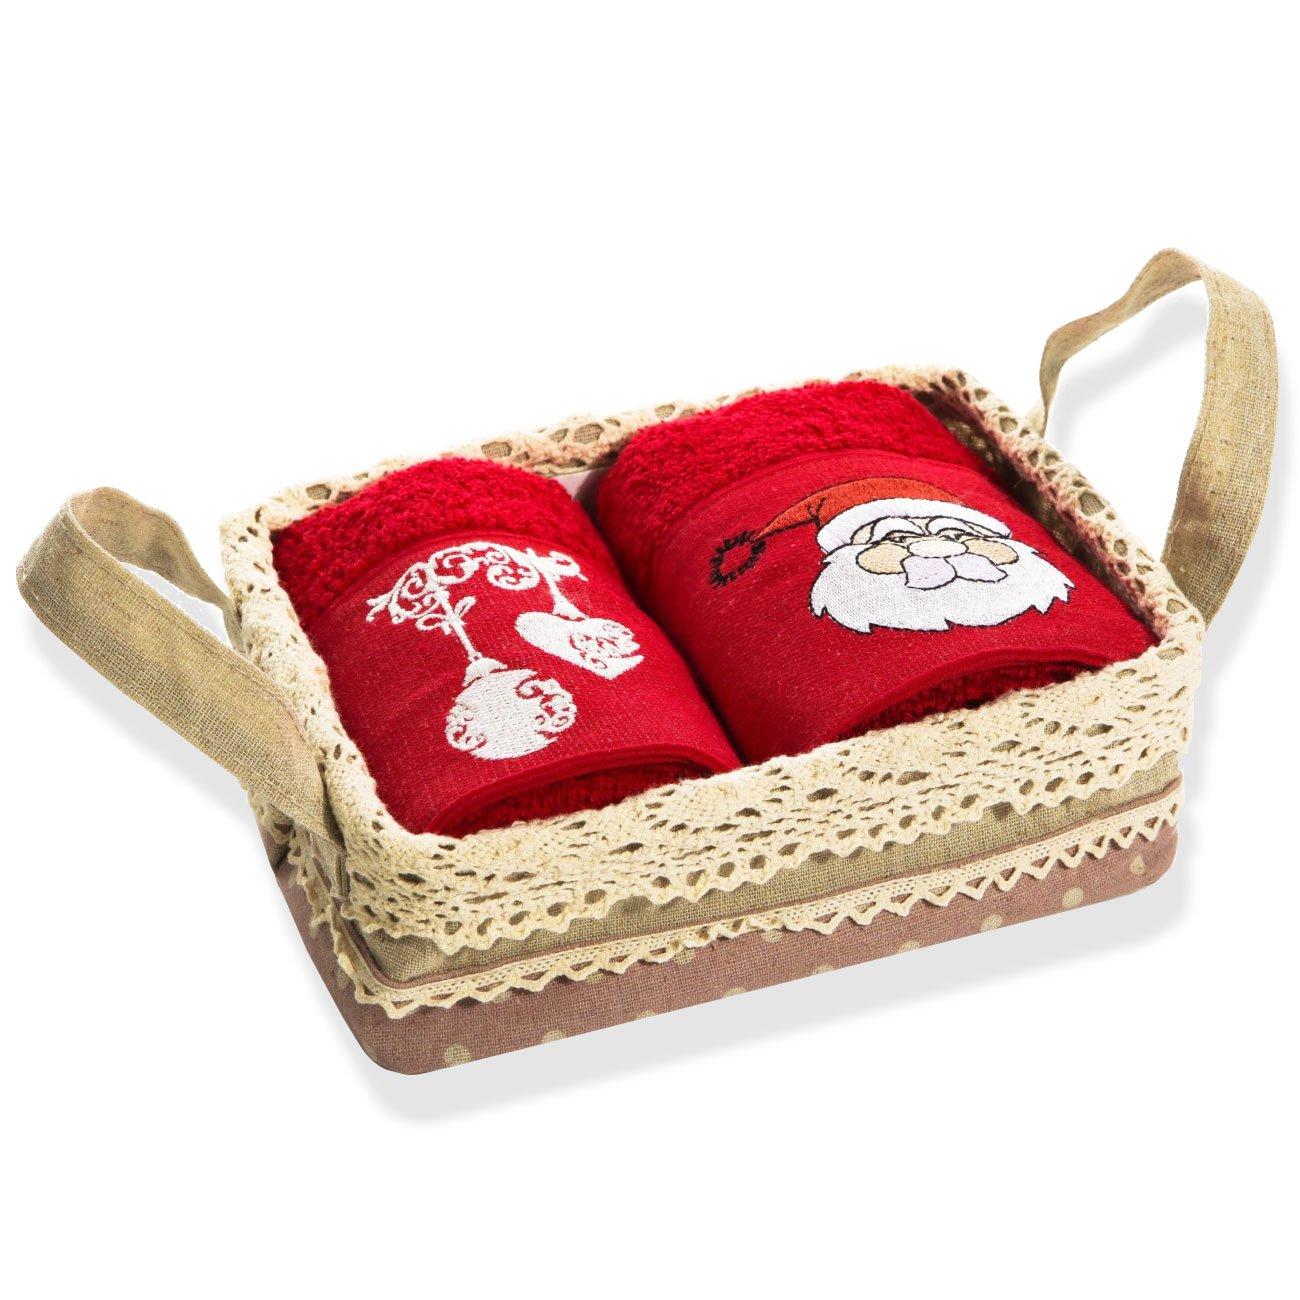 Lujo ultra suave algodón turco Spa y Hotel calidad Papá Noel toalla de baño Set con cesta, 16 x 24 pulgadas, (Set de 2): Amazon.es: Hogar